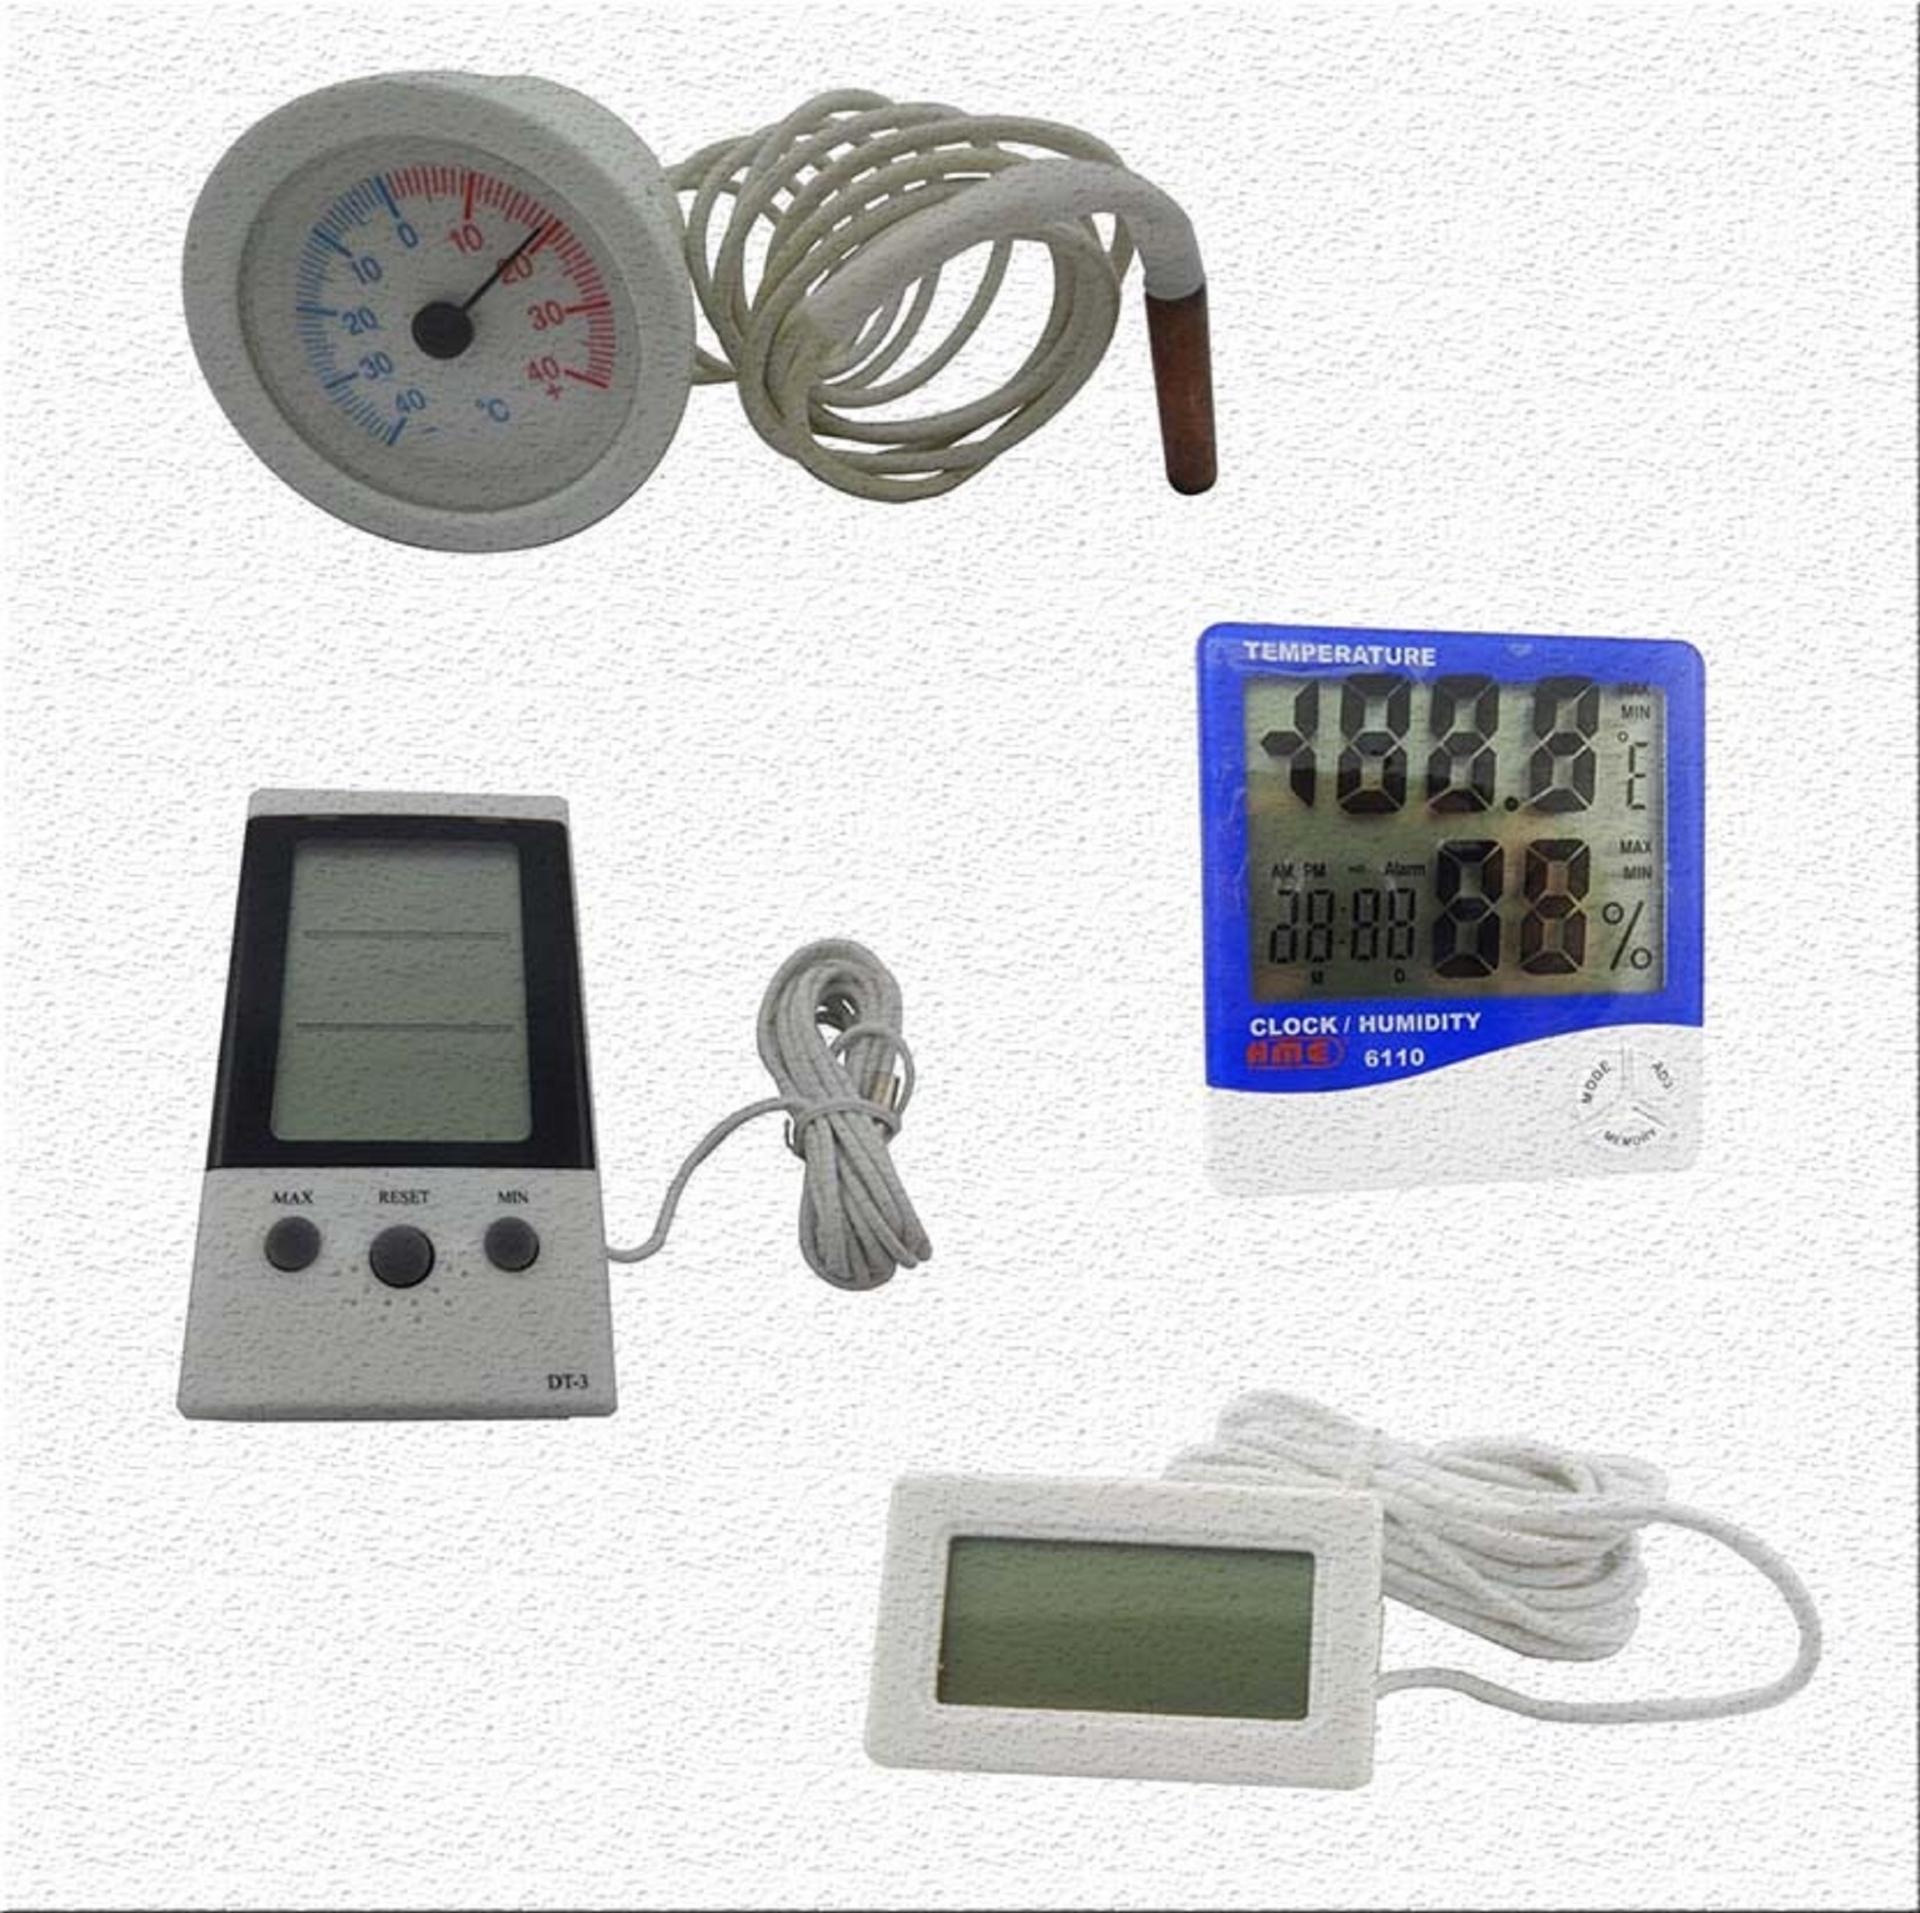 Termometre - Higrometre Çeşitleri